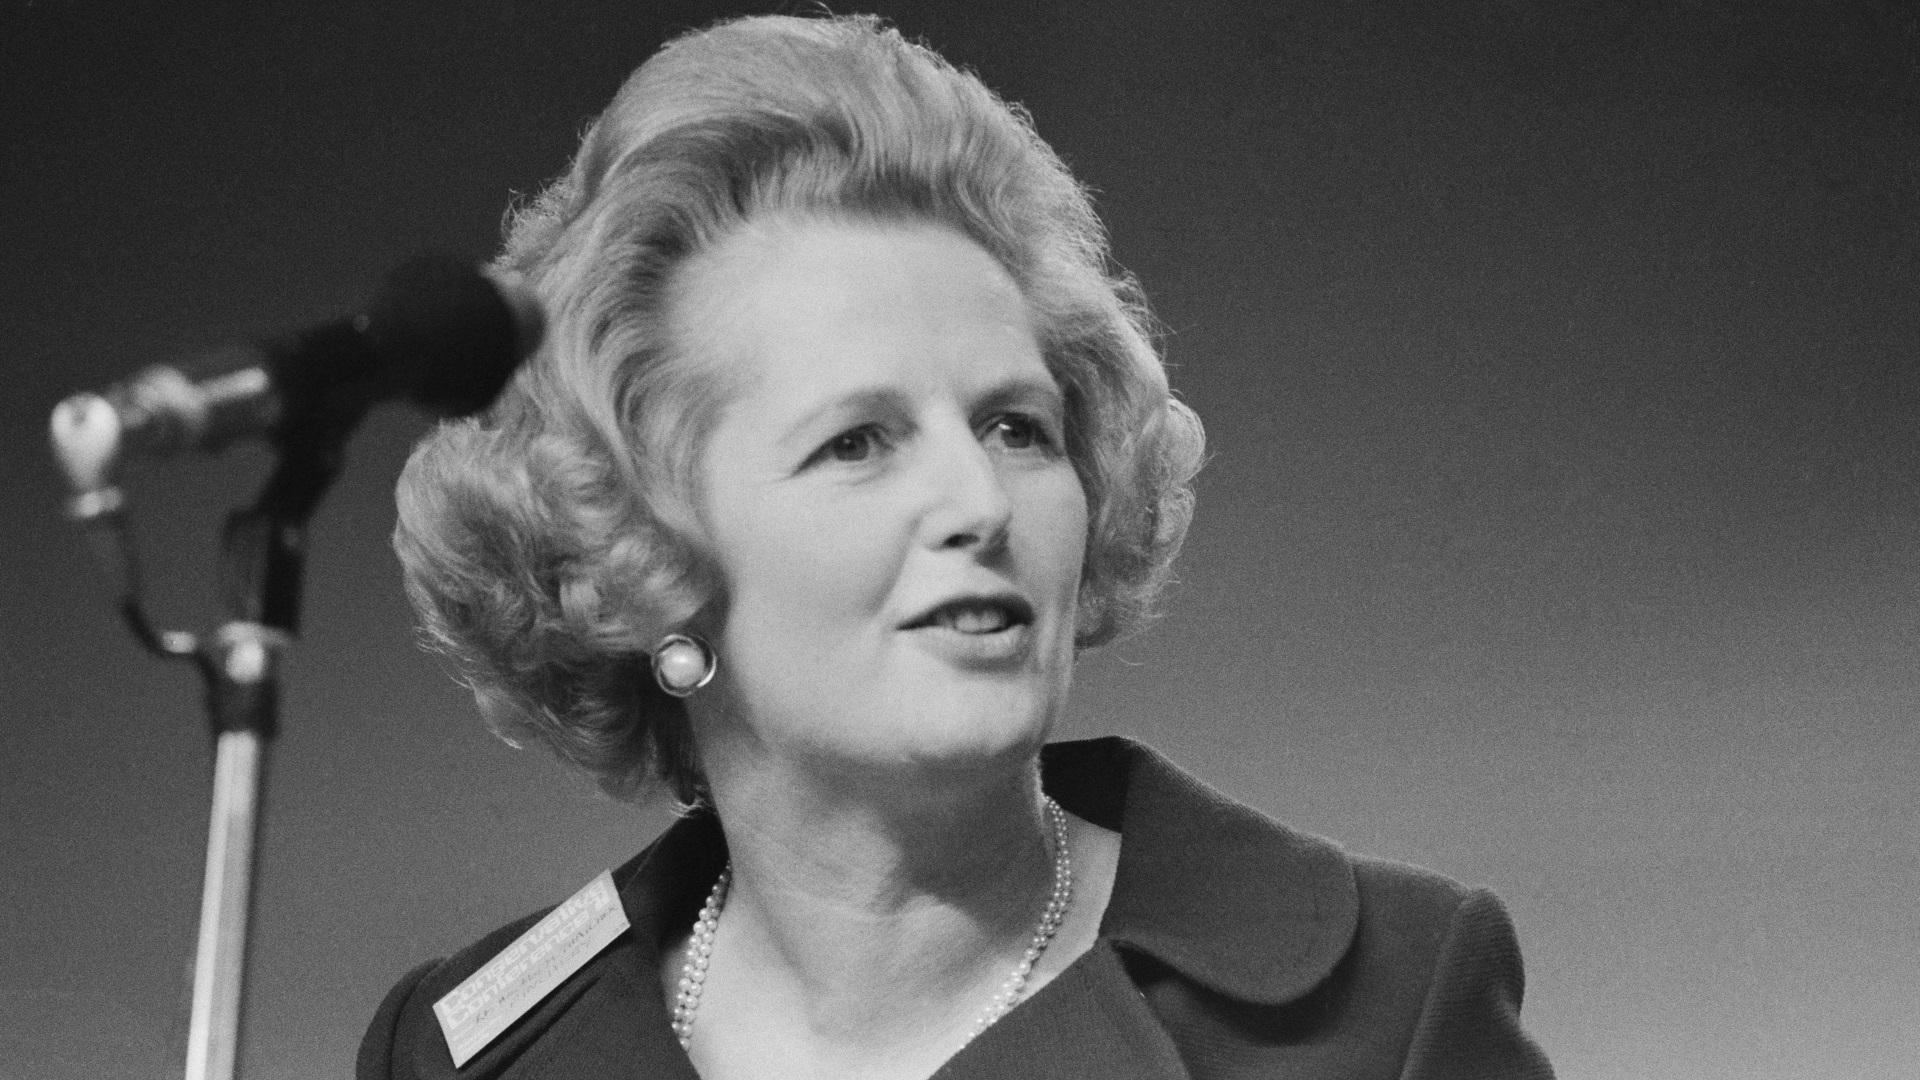 """Маргарет Тачър: """"В политиката, ако искате нещо да бъде казано, попитайте мъж. Ако искате нещо да бъде направено, попитайте жена"""""""